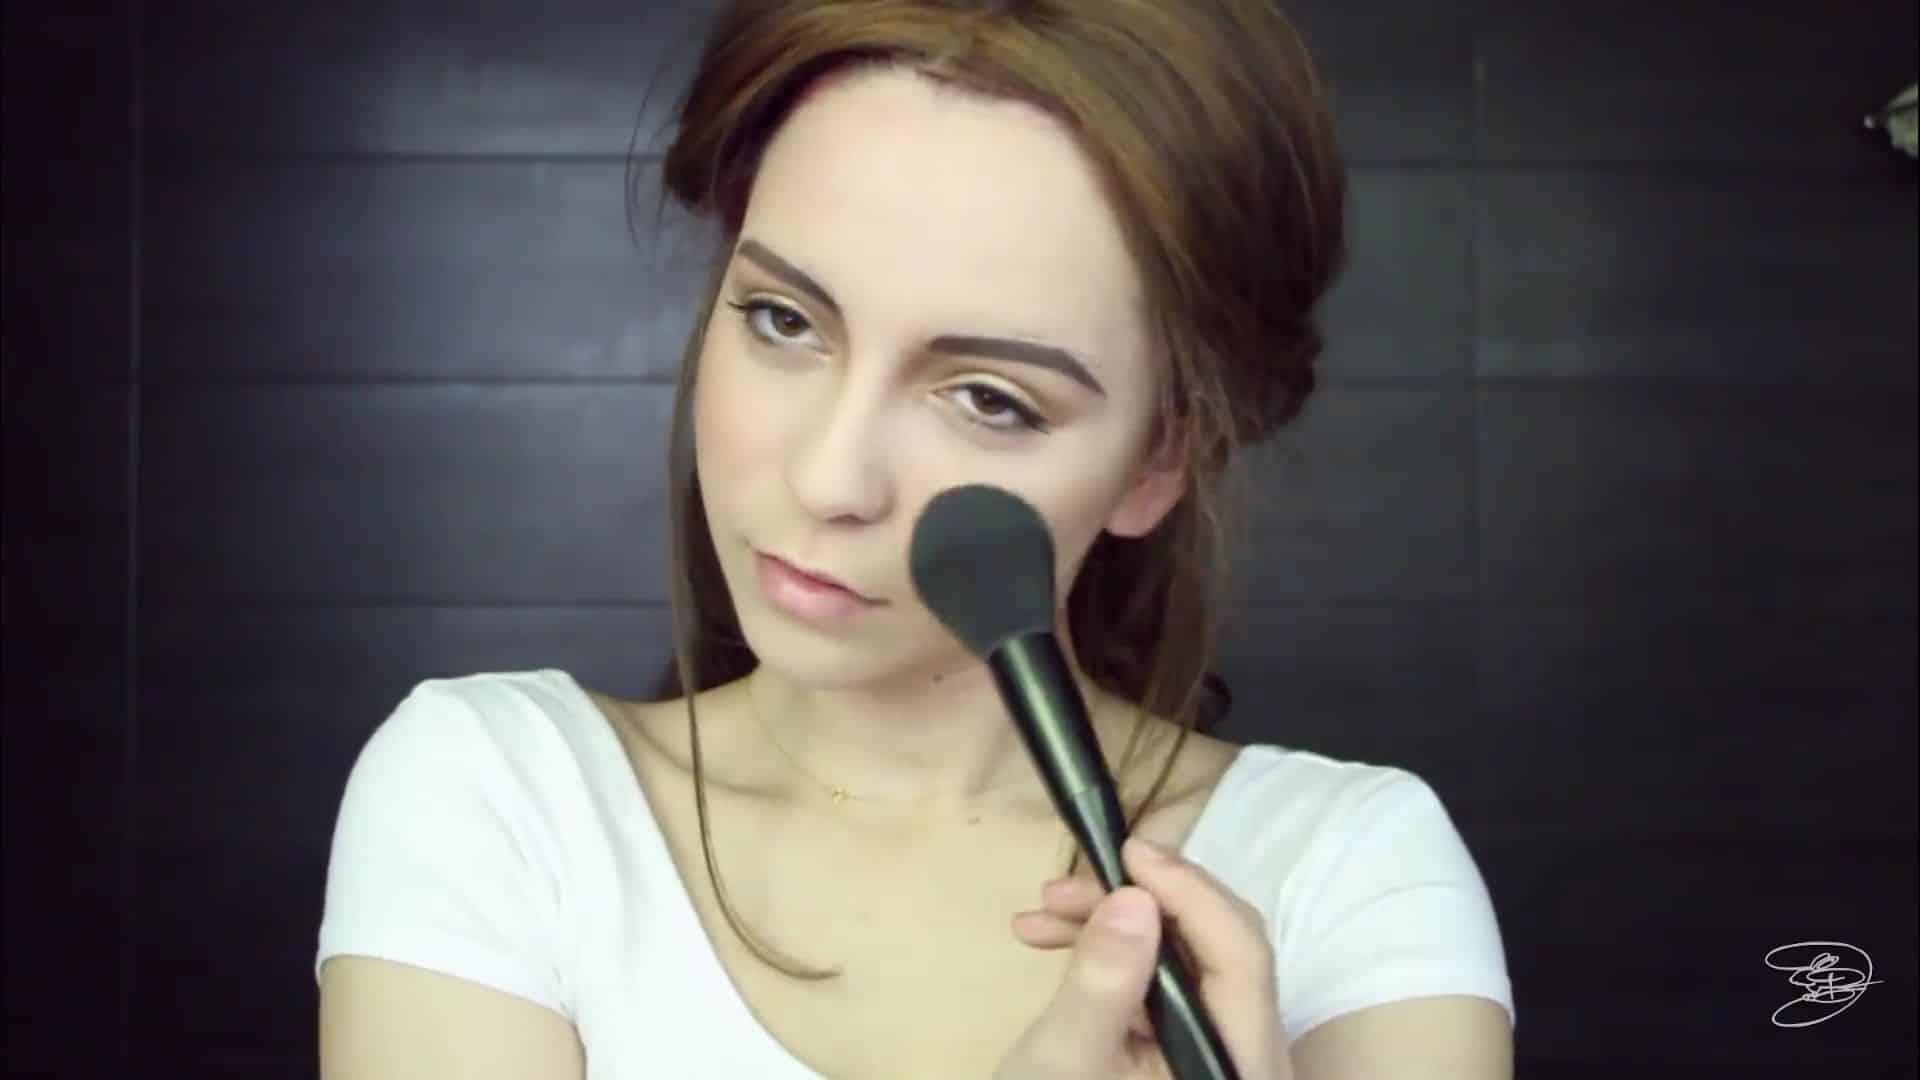 Maquíllate como la princesa la Bella de Emma Watson Jbunzie 2020, rubor en las mejillas.